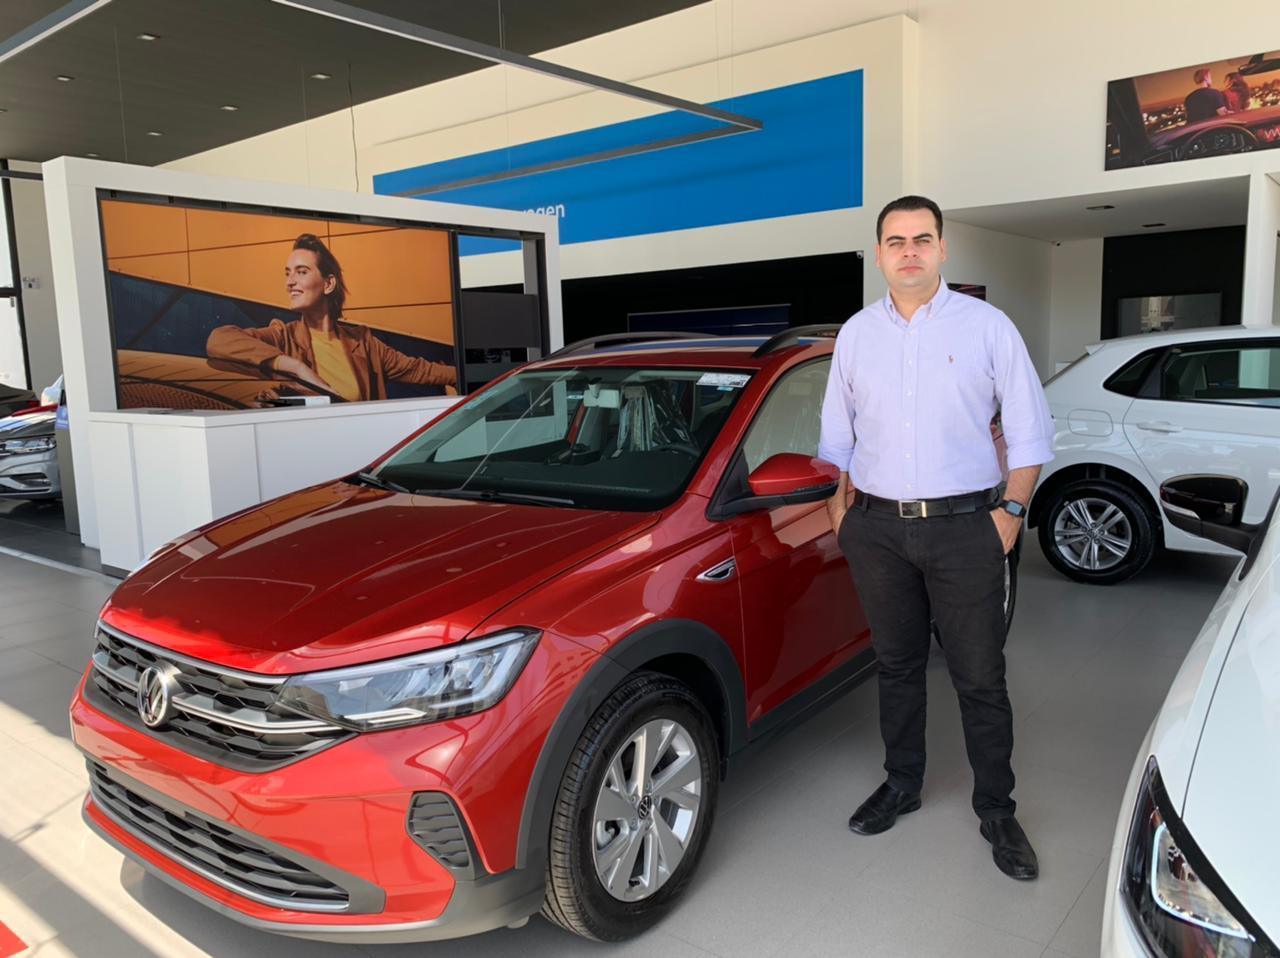 Nacional Volkswagen especializa-se em pronta-entrega com melhores ofertas de mercado